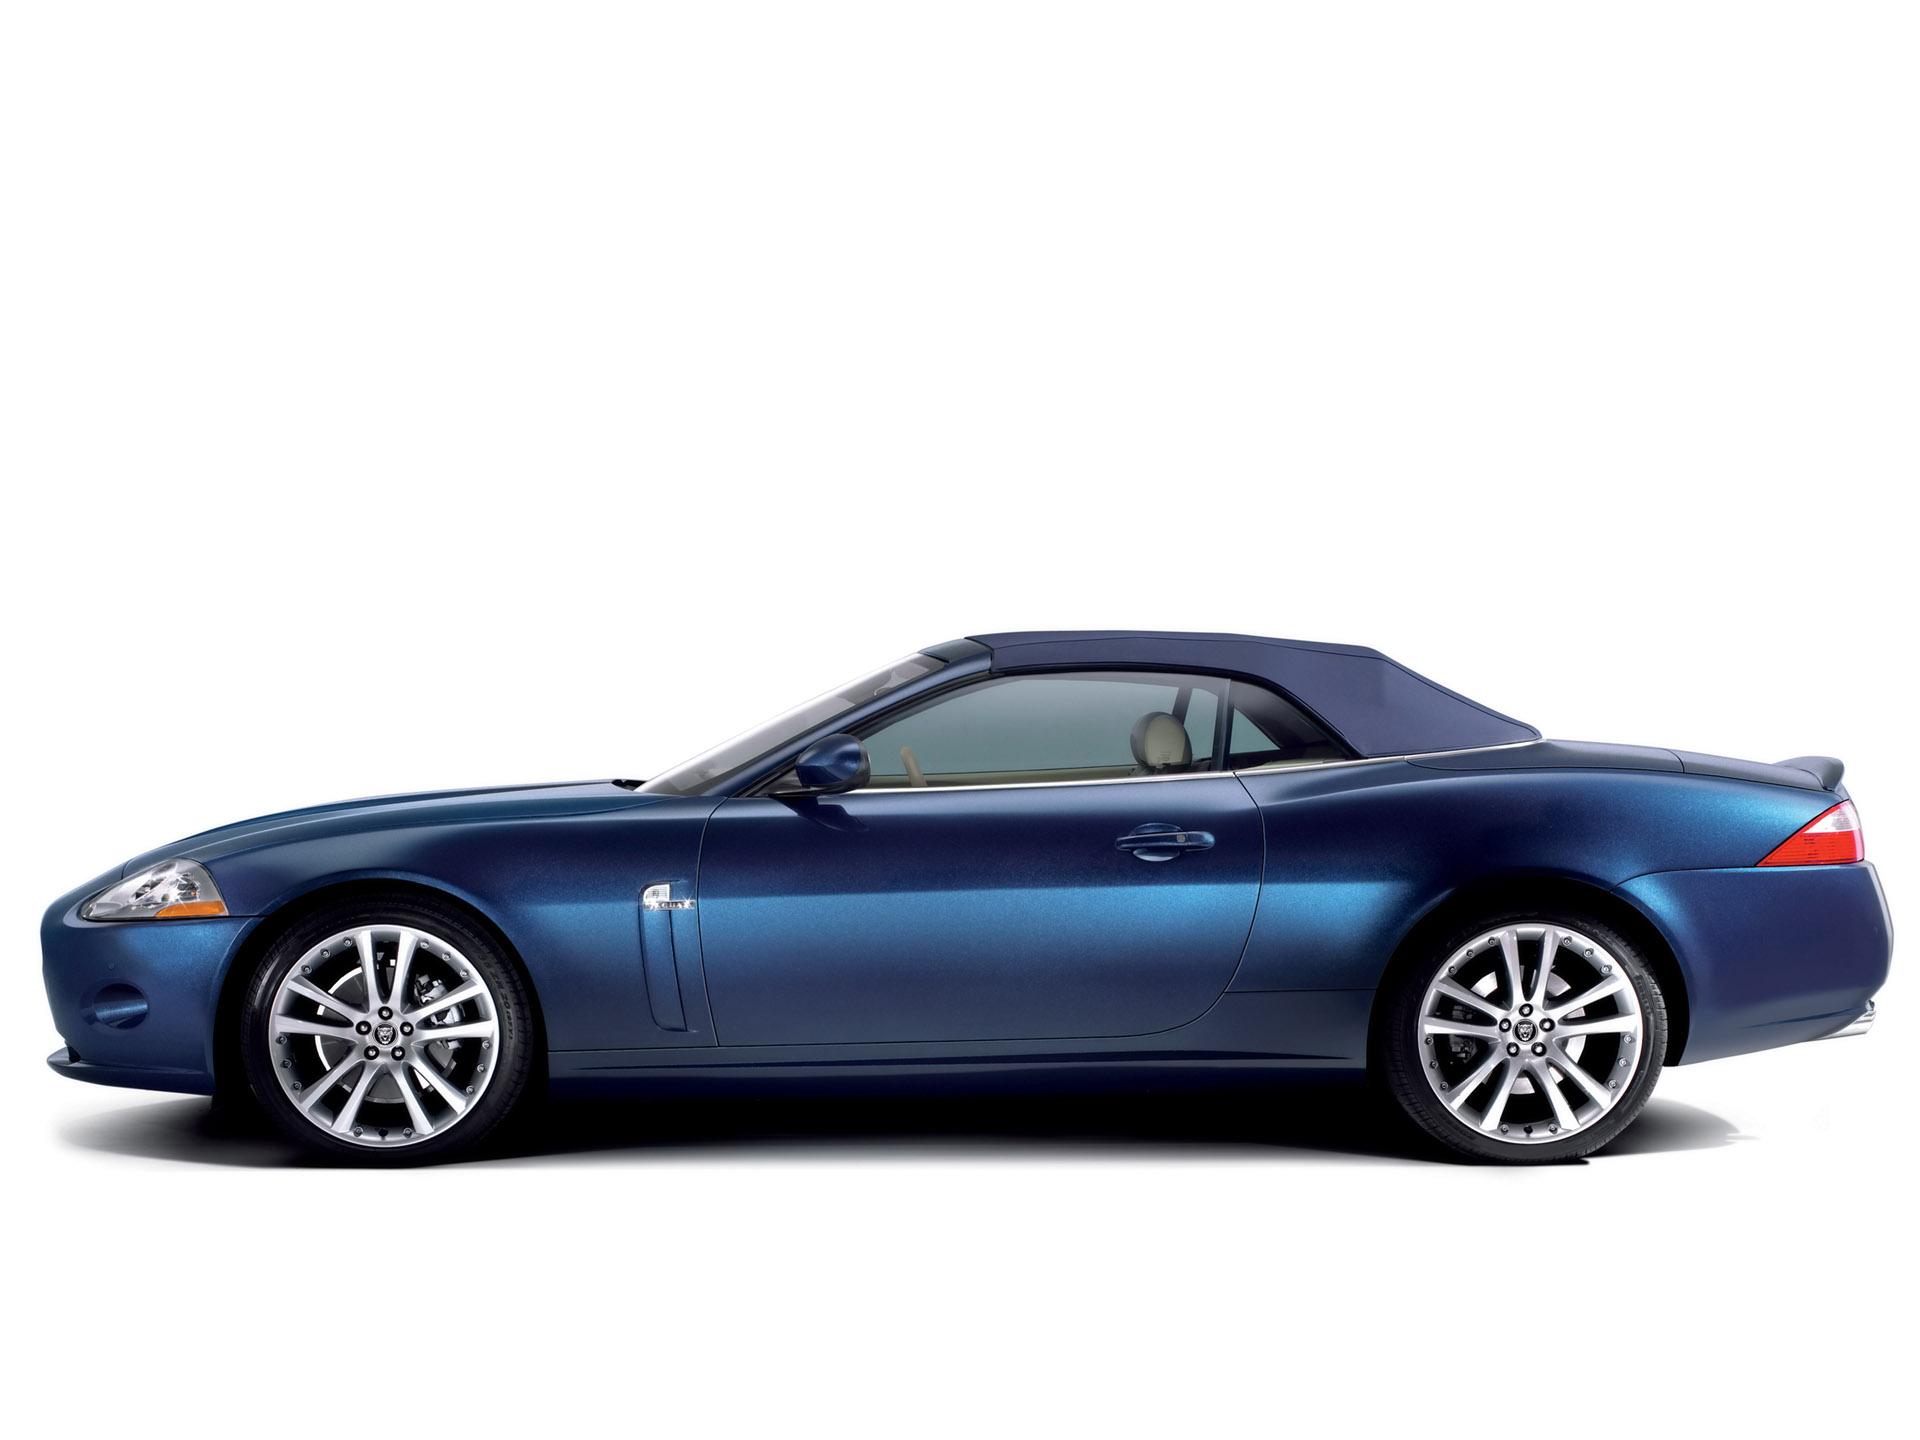 2007 Jaguar XK Convertible - HD Pictures @ carsinvasion.com